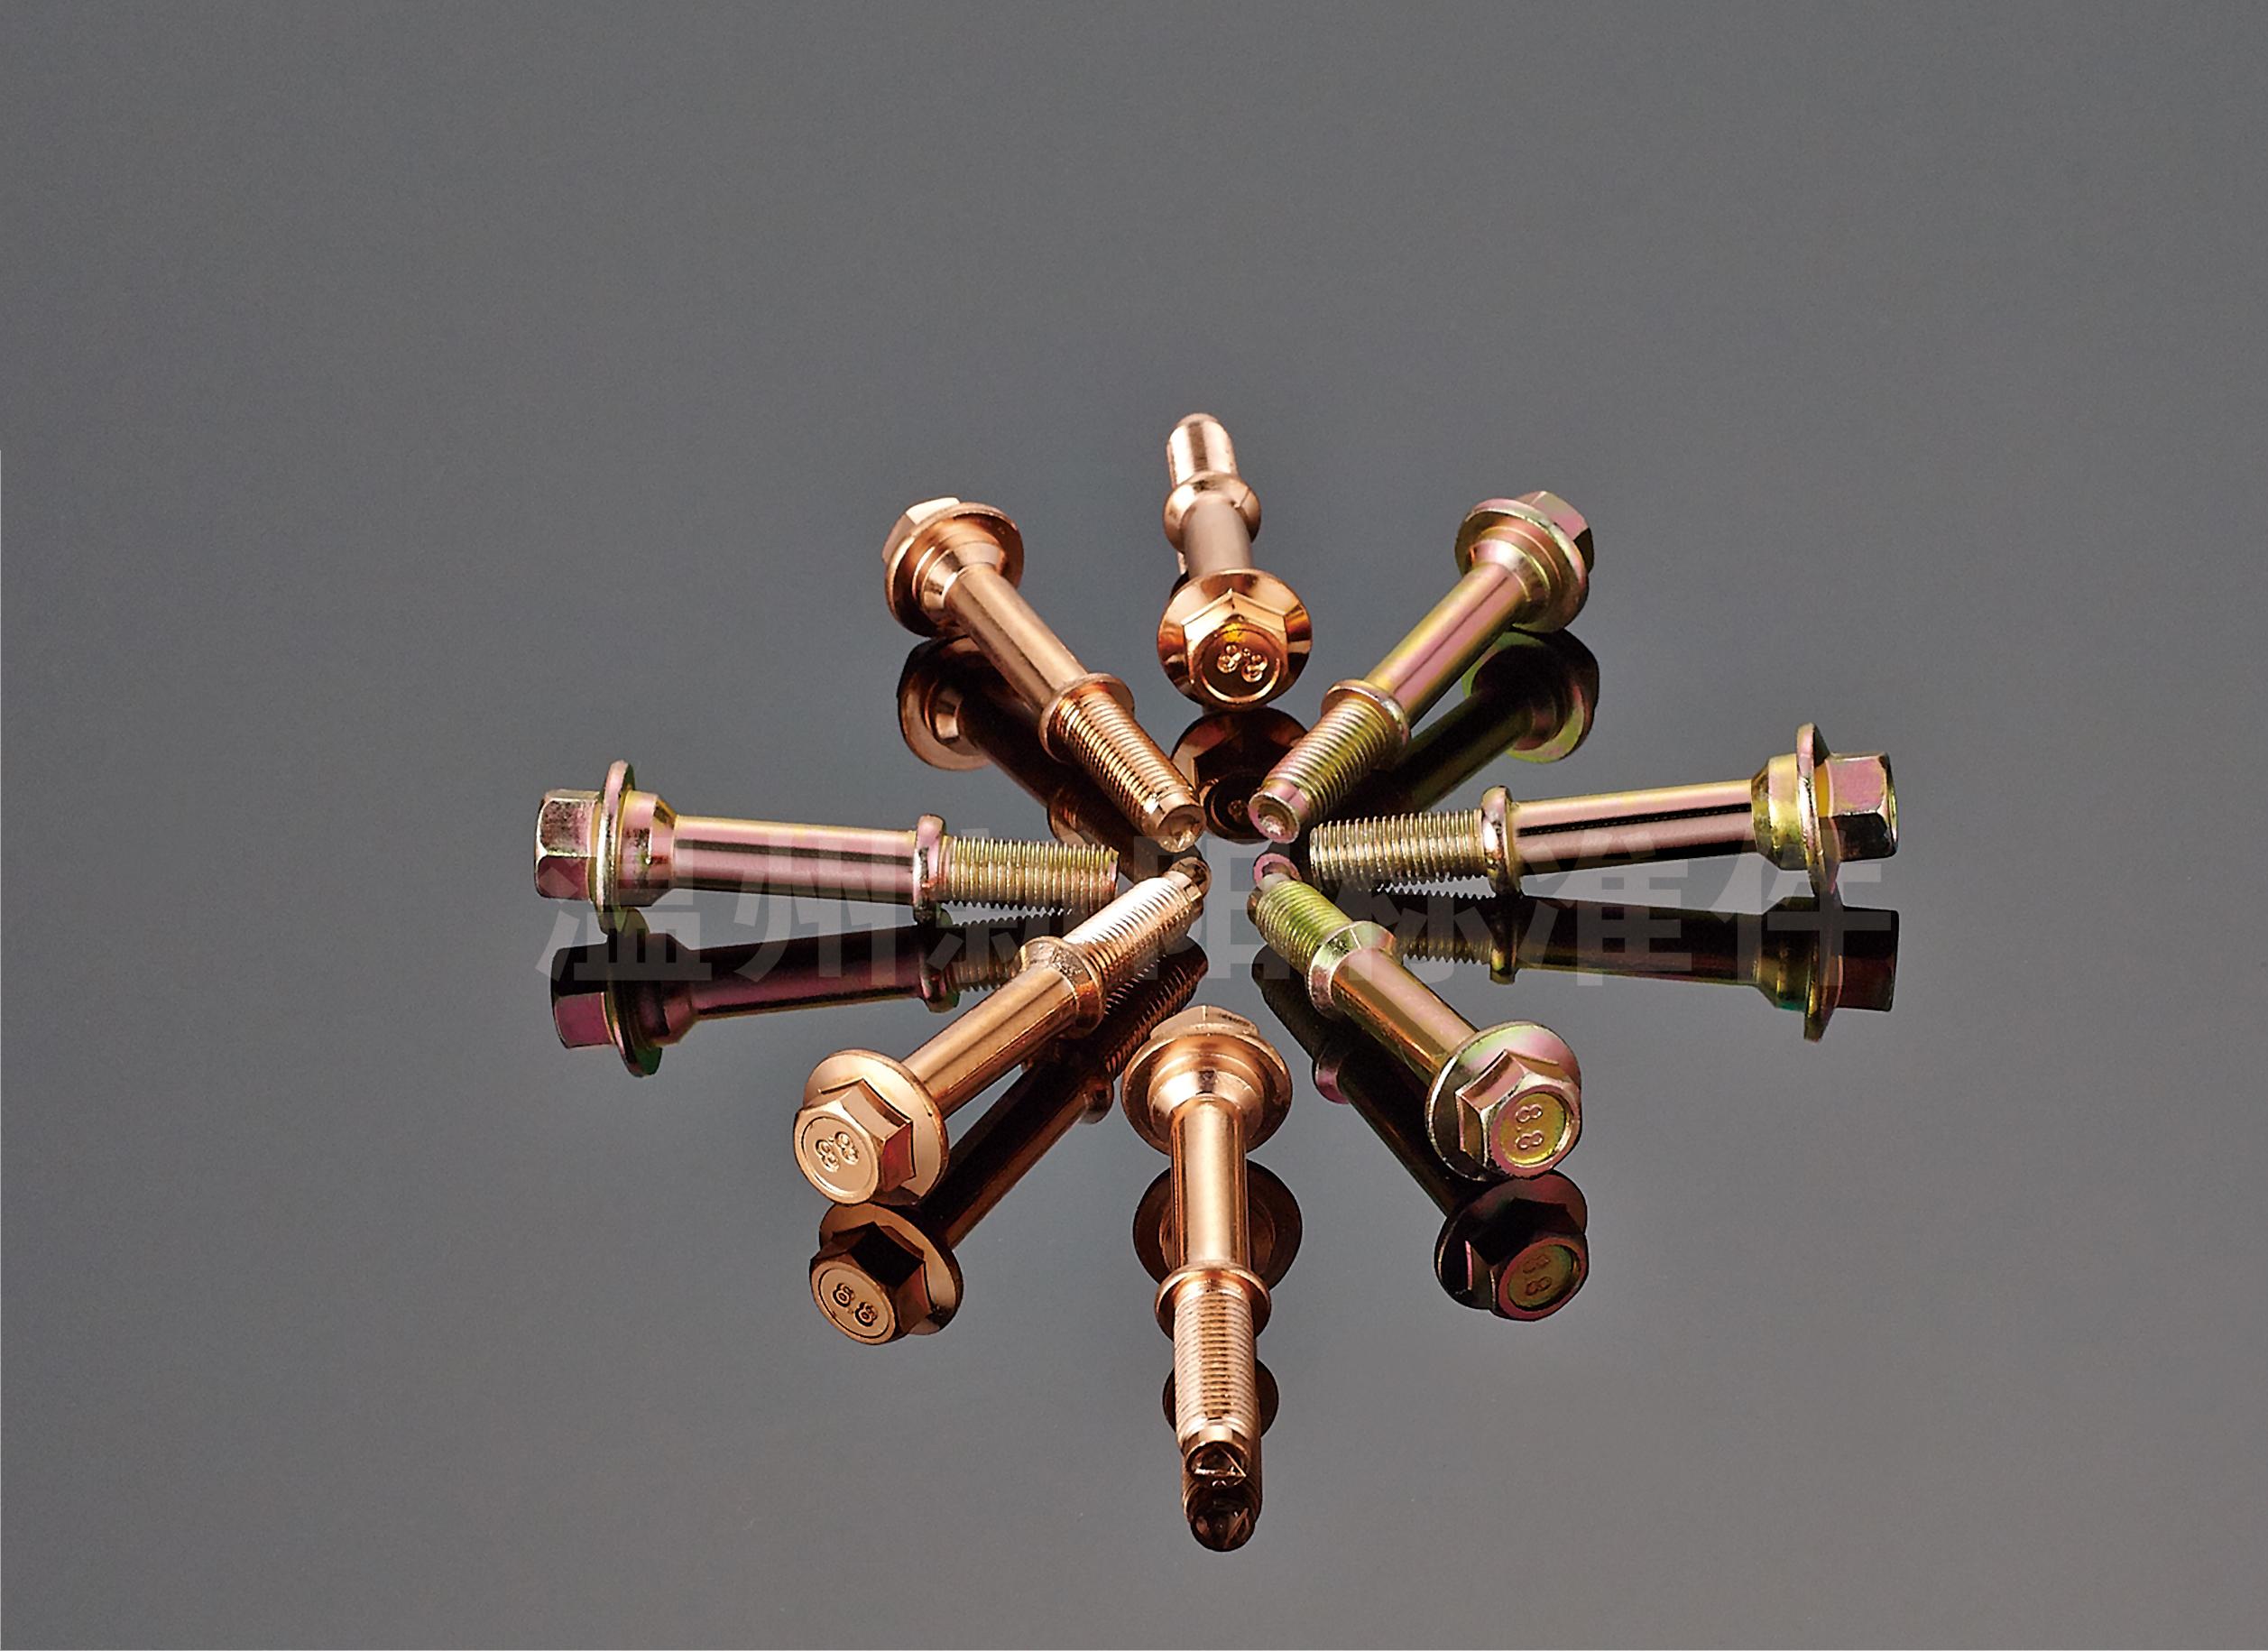 厂家供应碳钢排气管螺栓 高强度镀锌螺栓